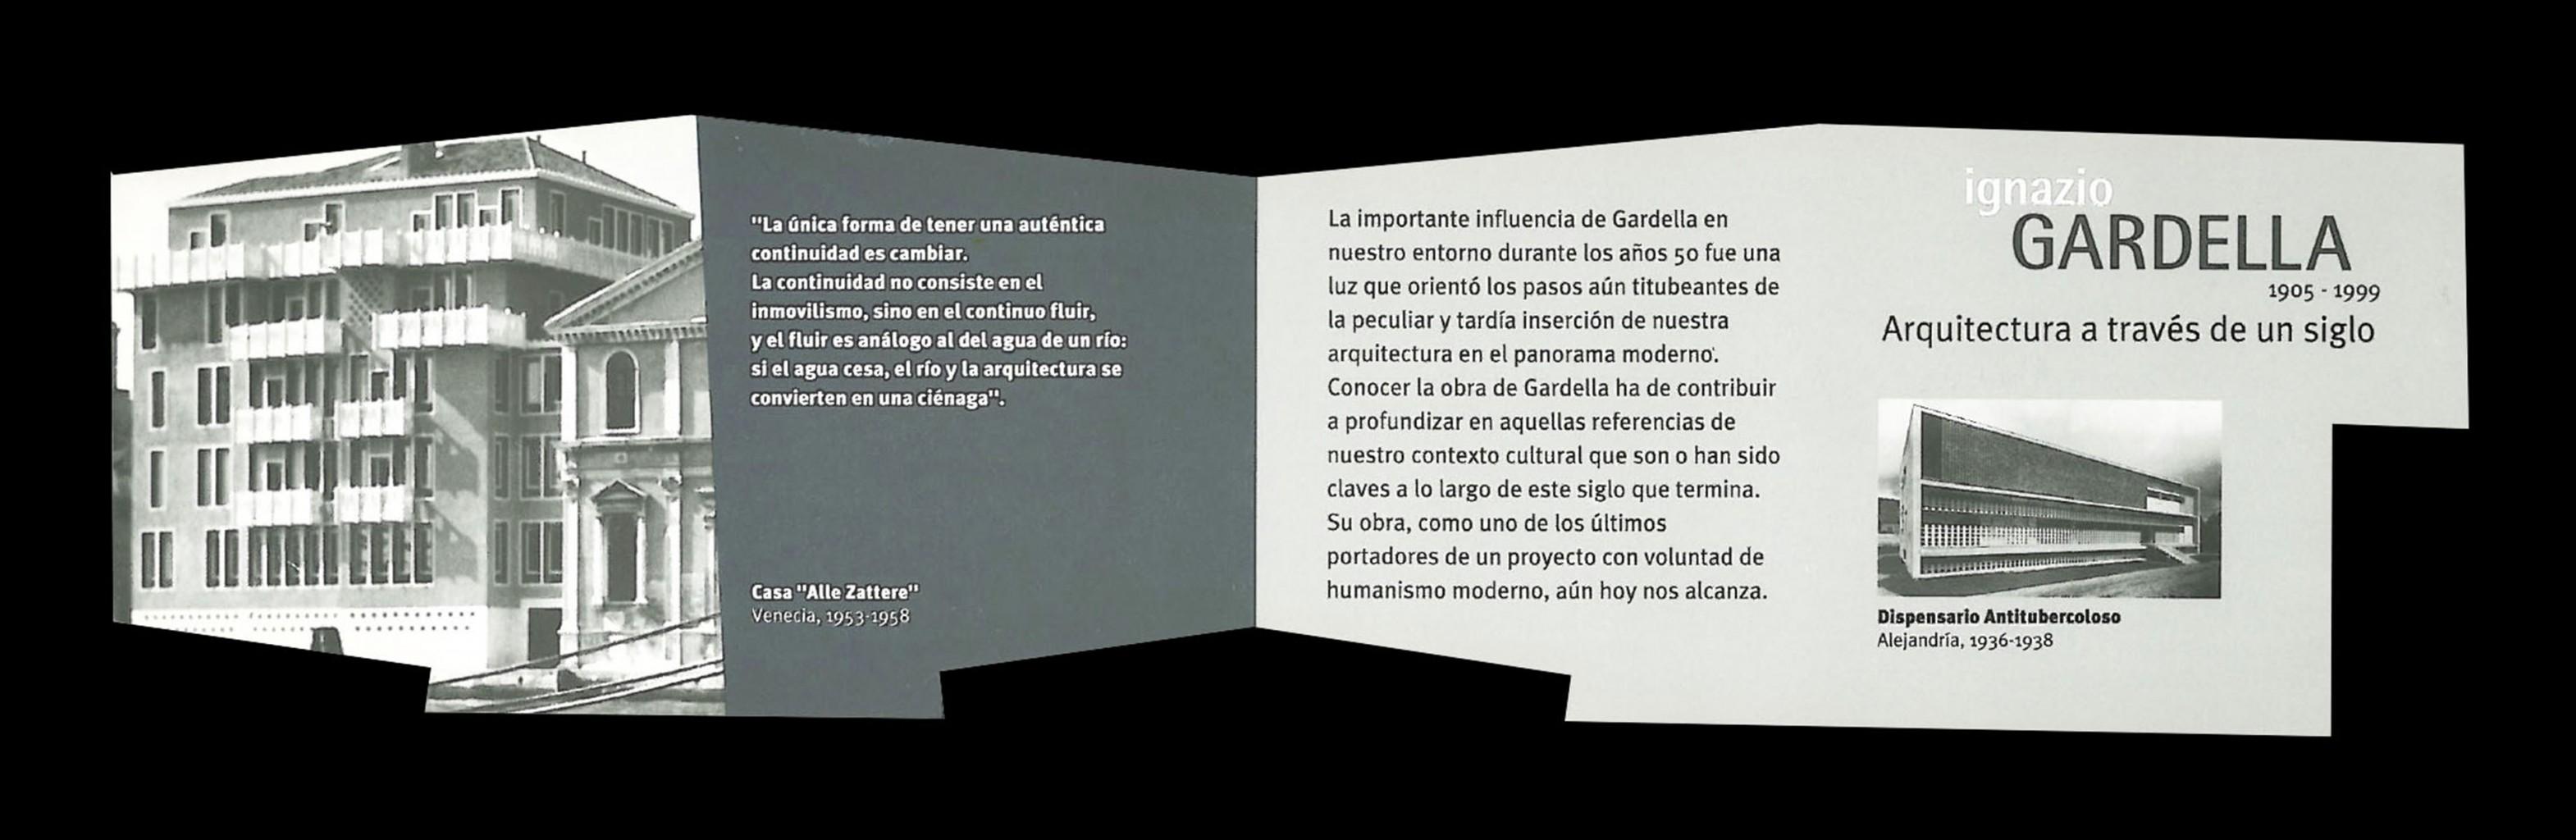 Exposición Ignazio Gardella 1905-1999, Arquitectura a través de un Siglo Blanca Lleó 01e